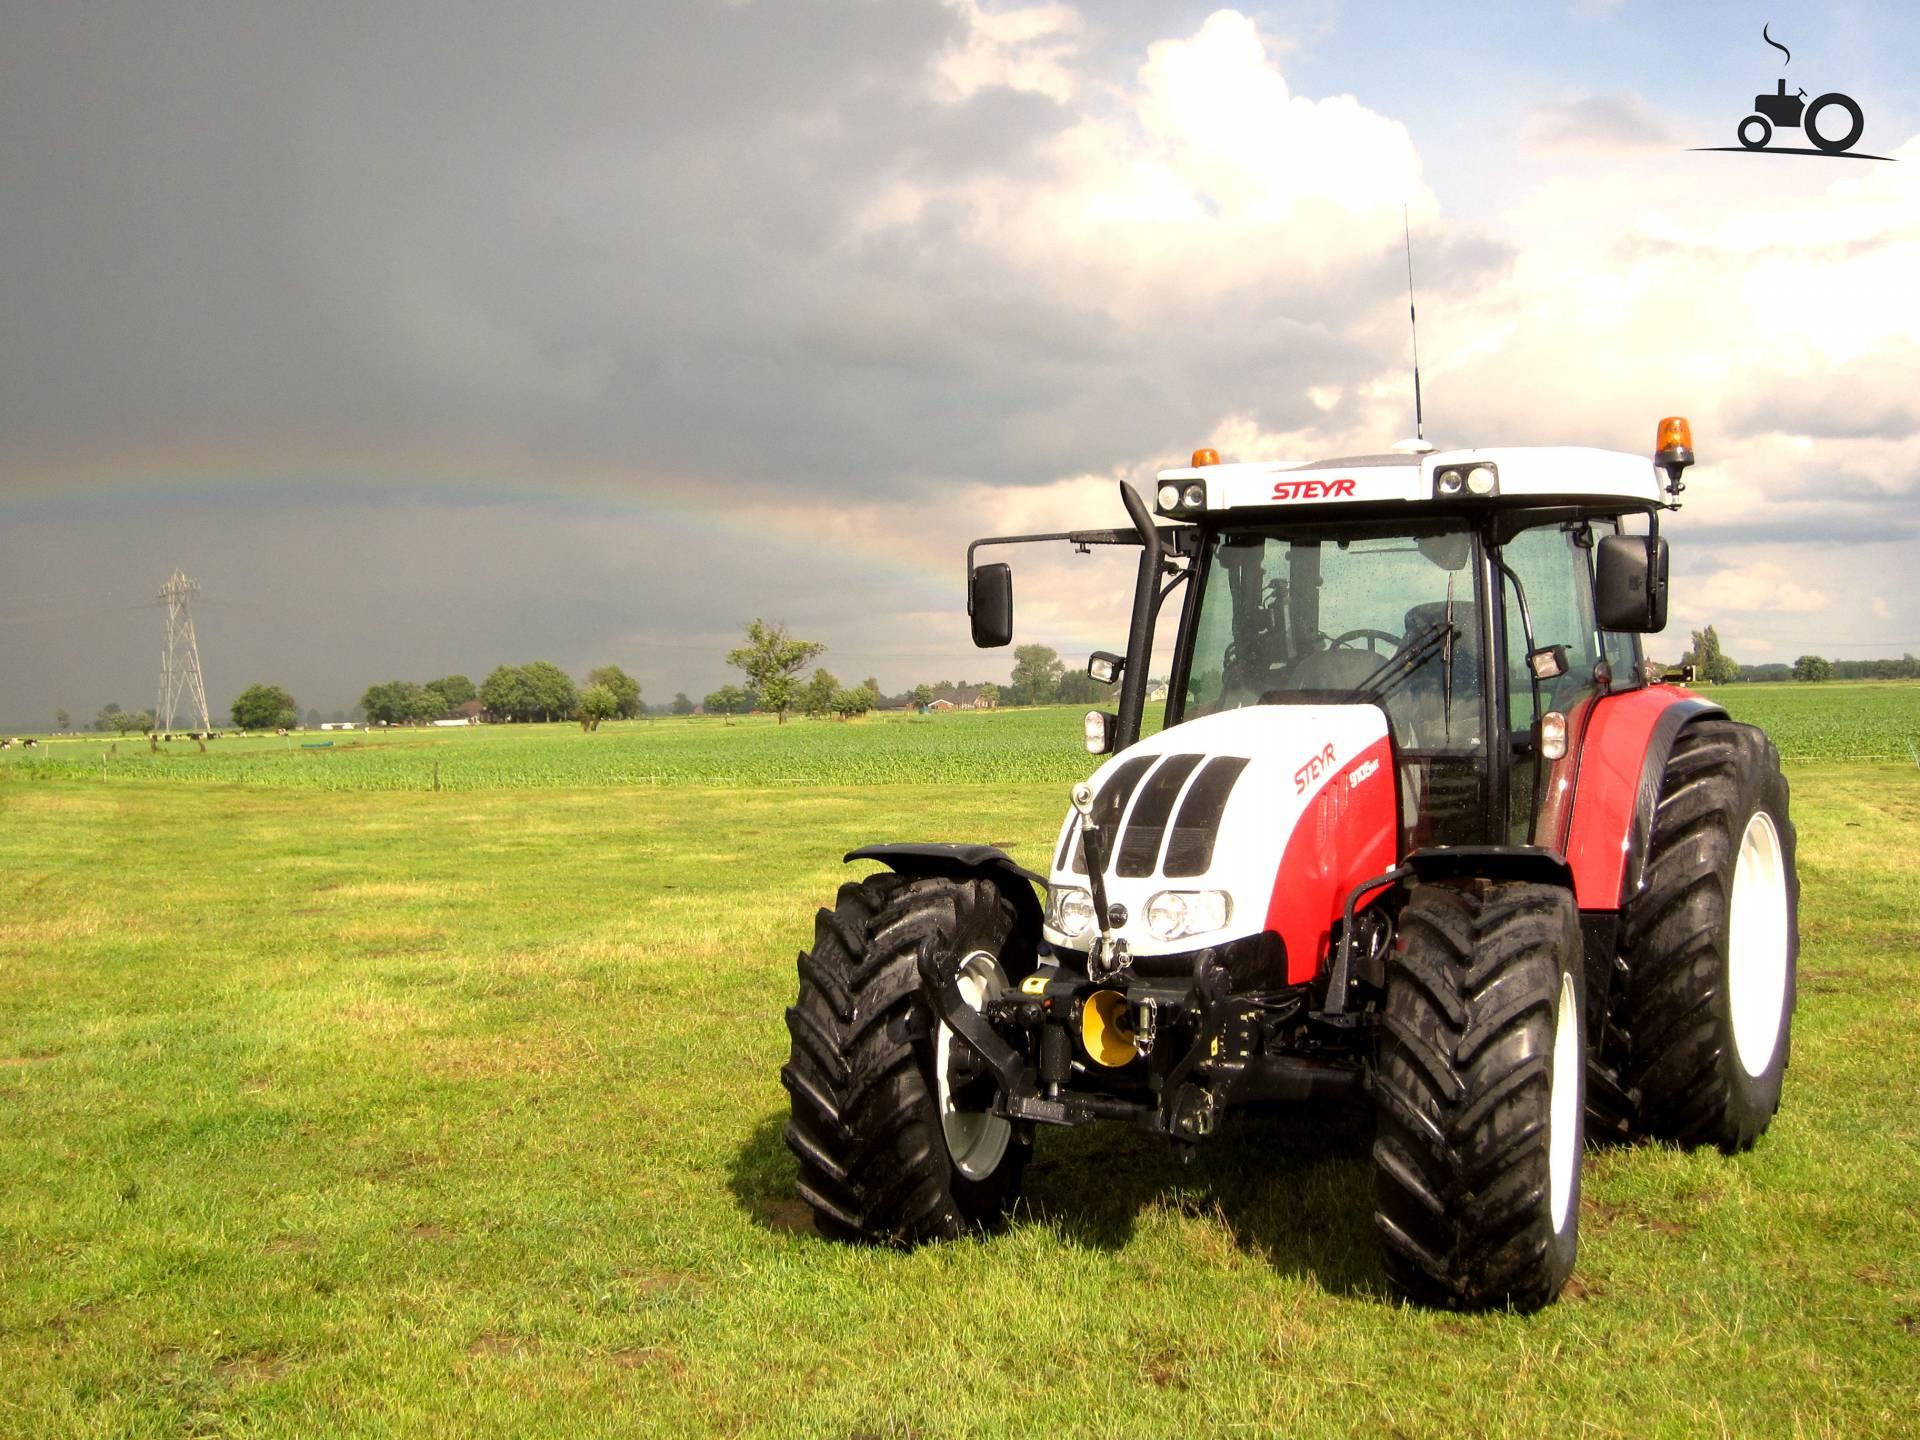 steyr 9105 mt traktoren traktor bilder video technische daten galerie. Black Bedroom Furniture Sets. Home Design Ideas